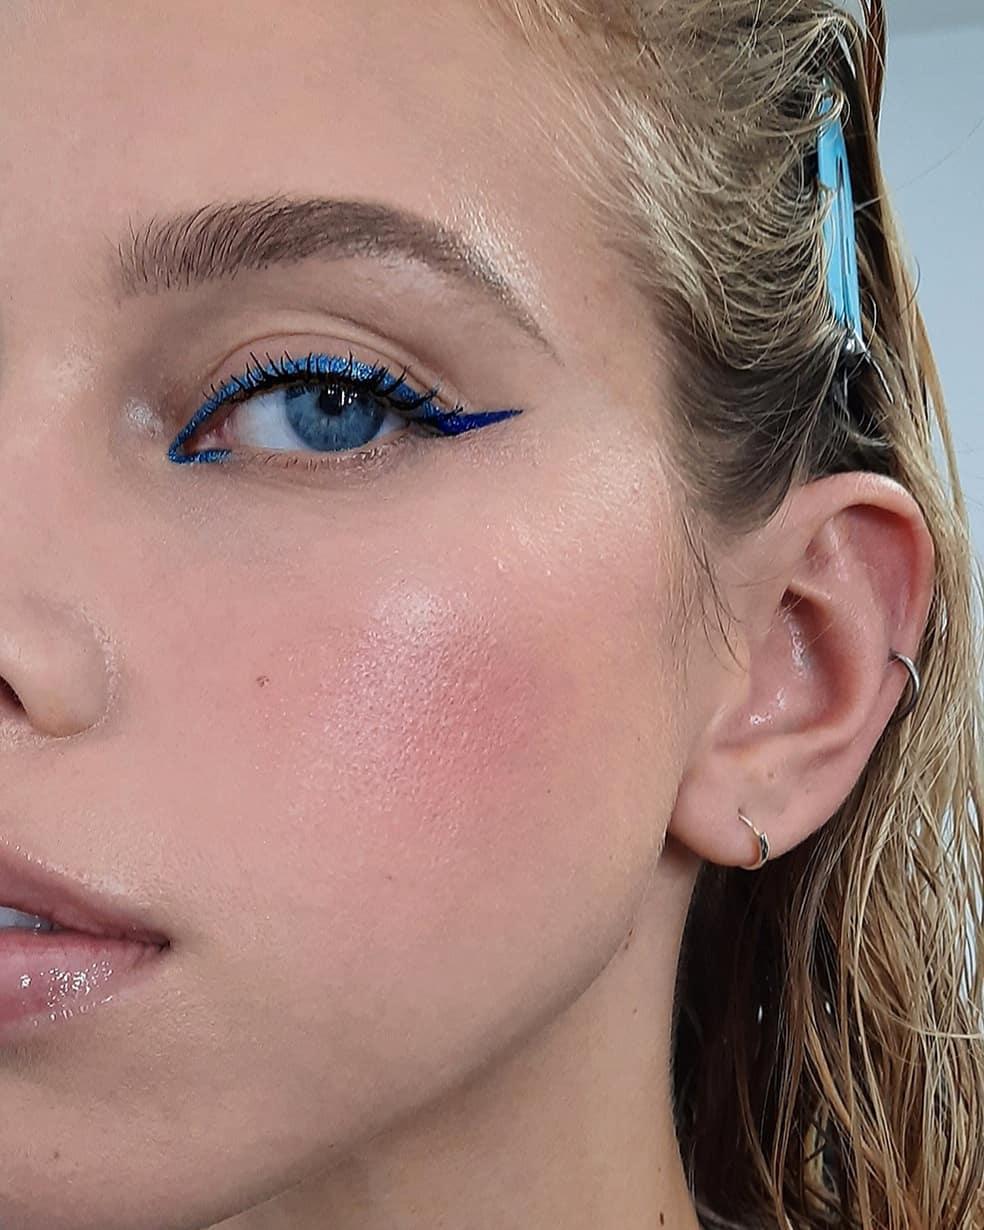 cô gái kẻ mắt màu xanh